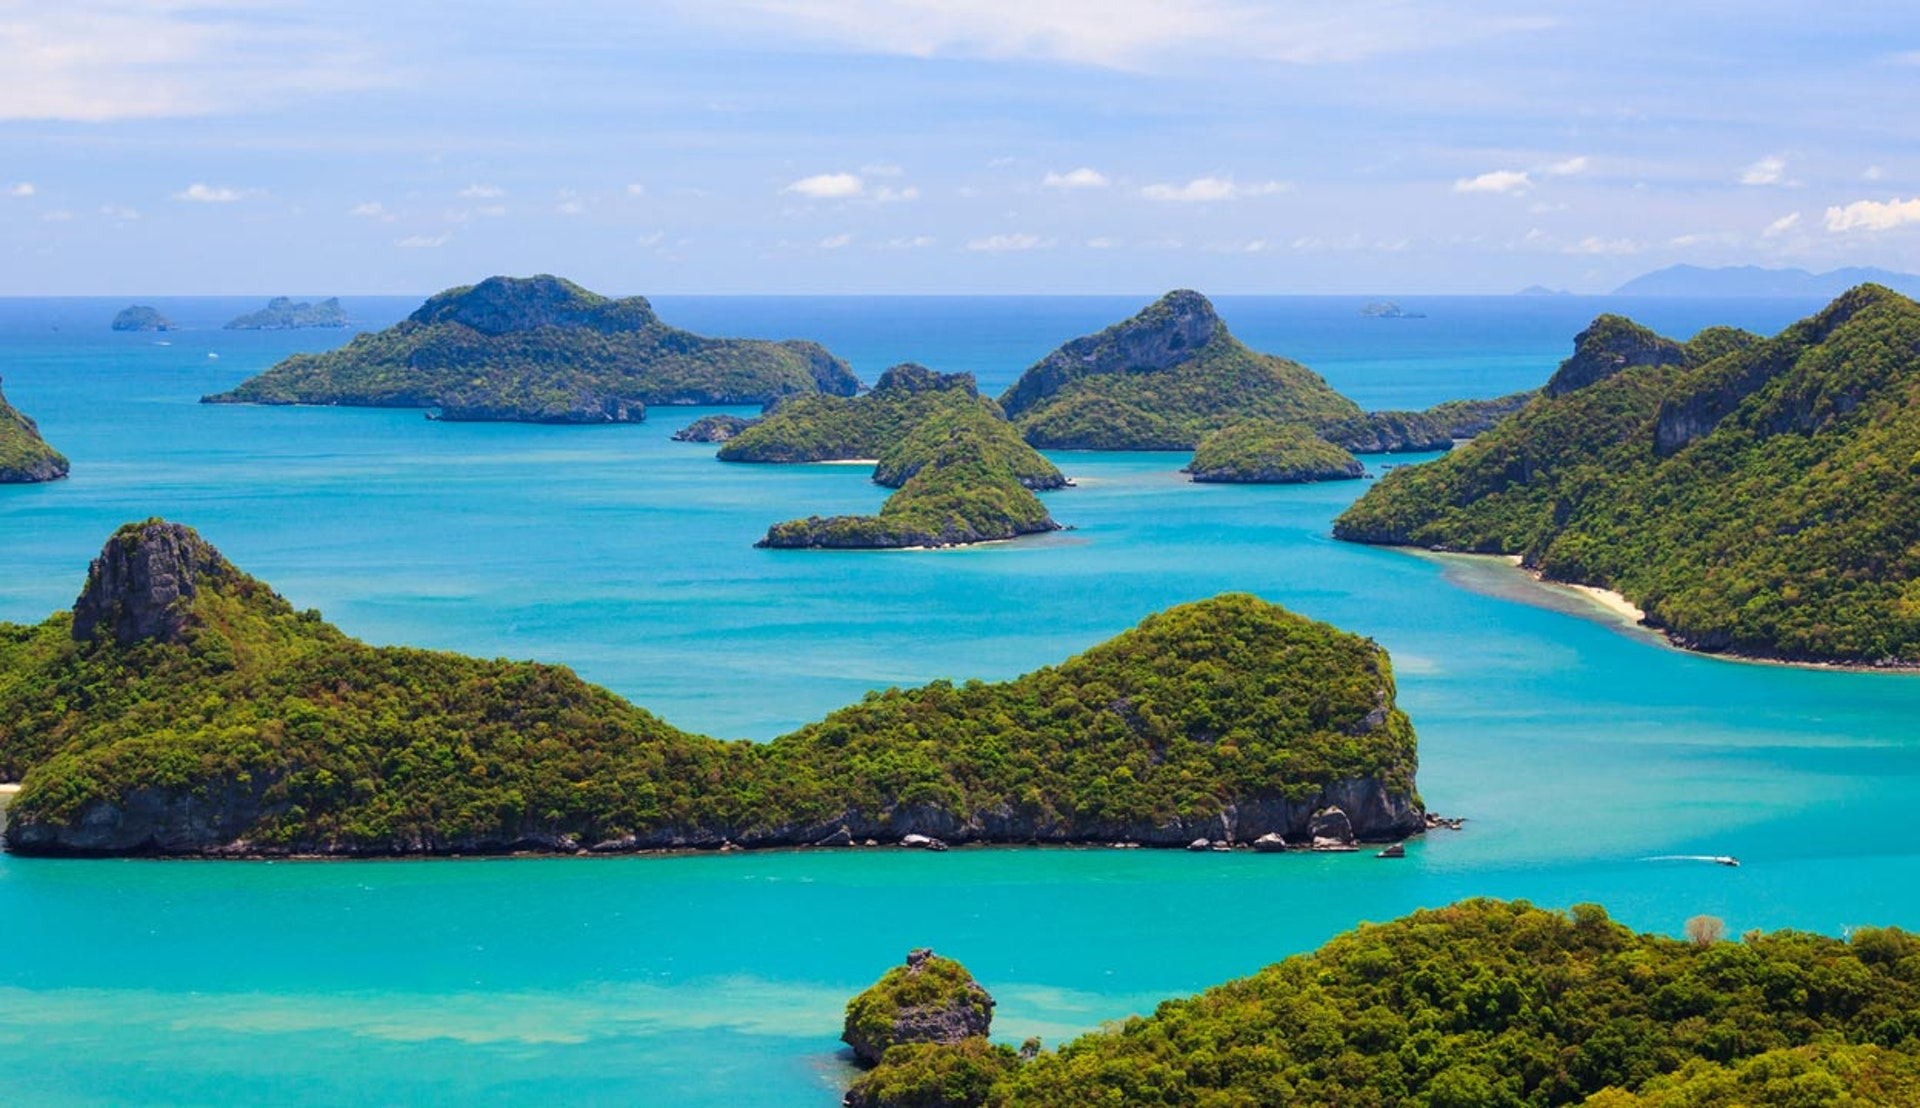 Vy över Thailands gröna öar och havet.